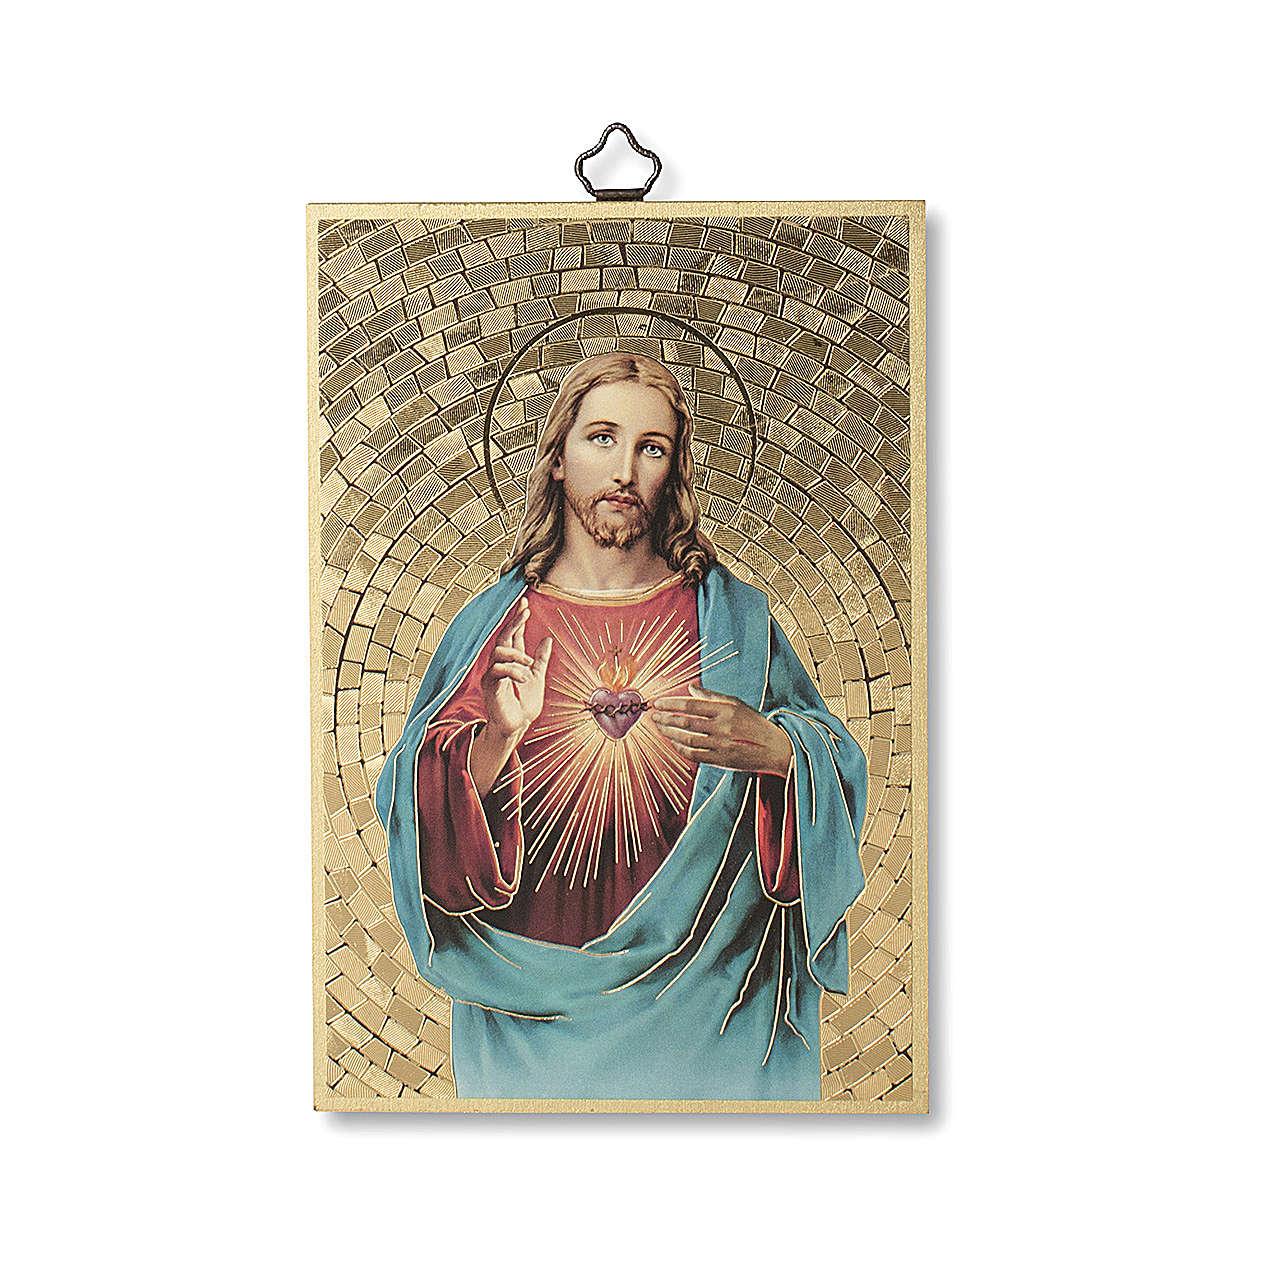 Stampa su legno Sacro Cuore di Gesù  Al Sacro Cuore di Gesù ITA 3